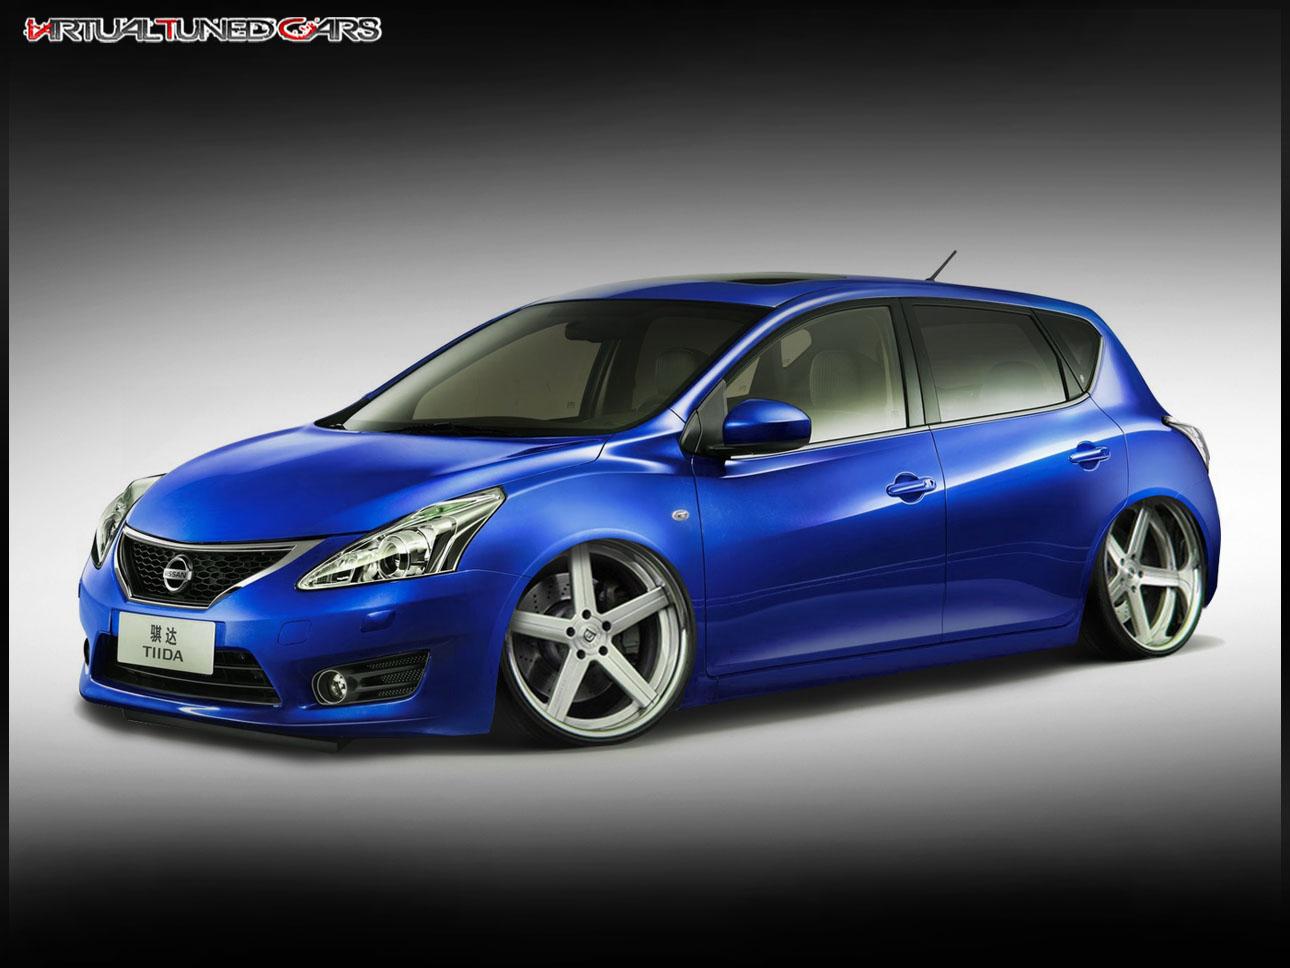 Nissan Tiida Hatchback 2012